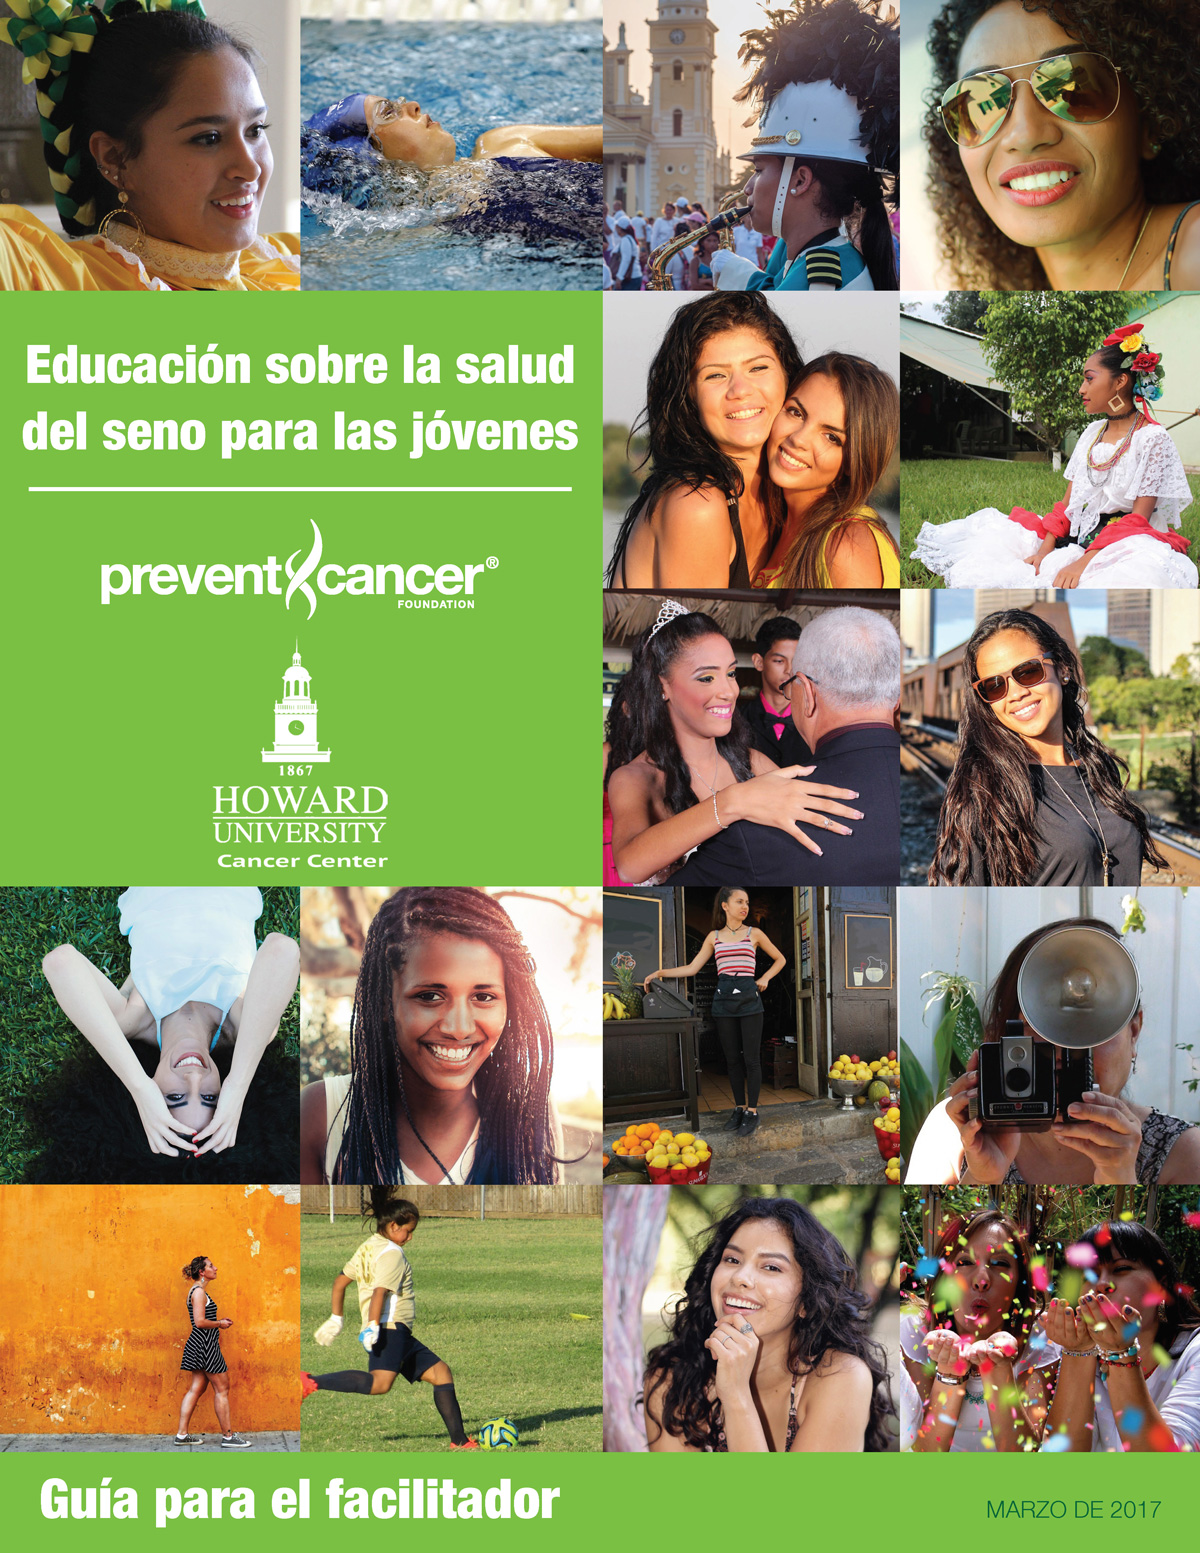 Educación sobre la salud del seno para las mujeres jóvenes